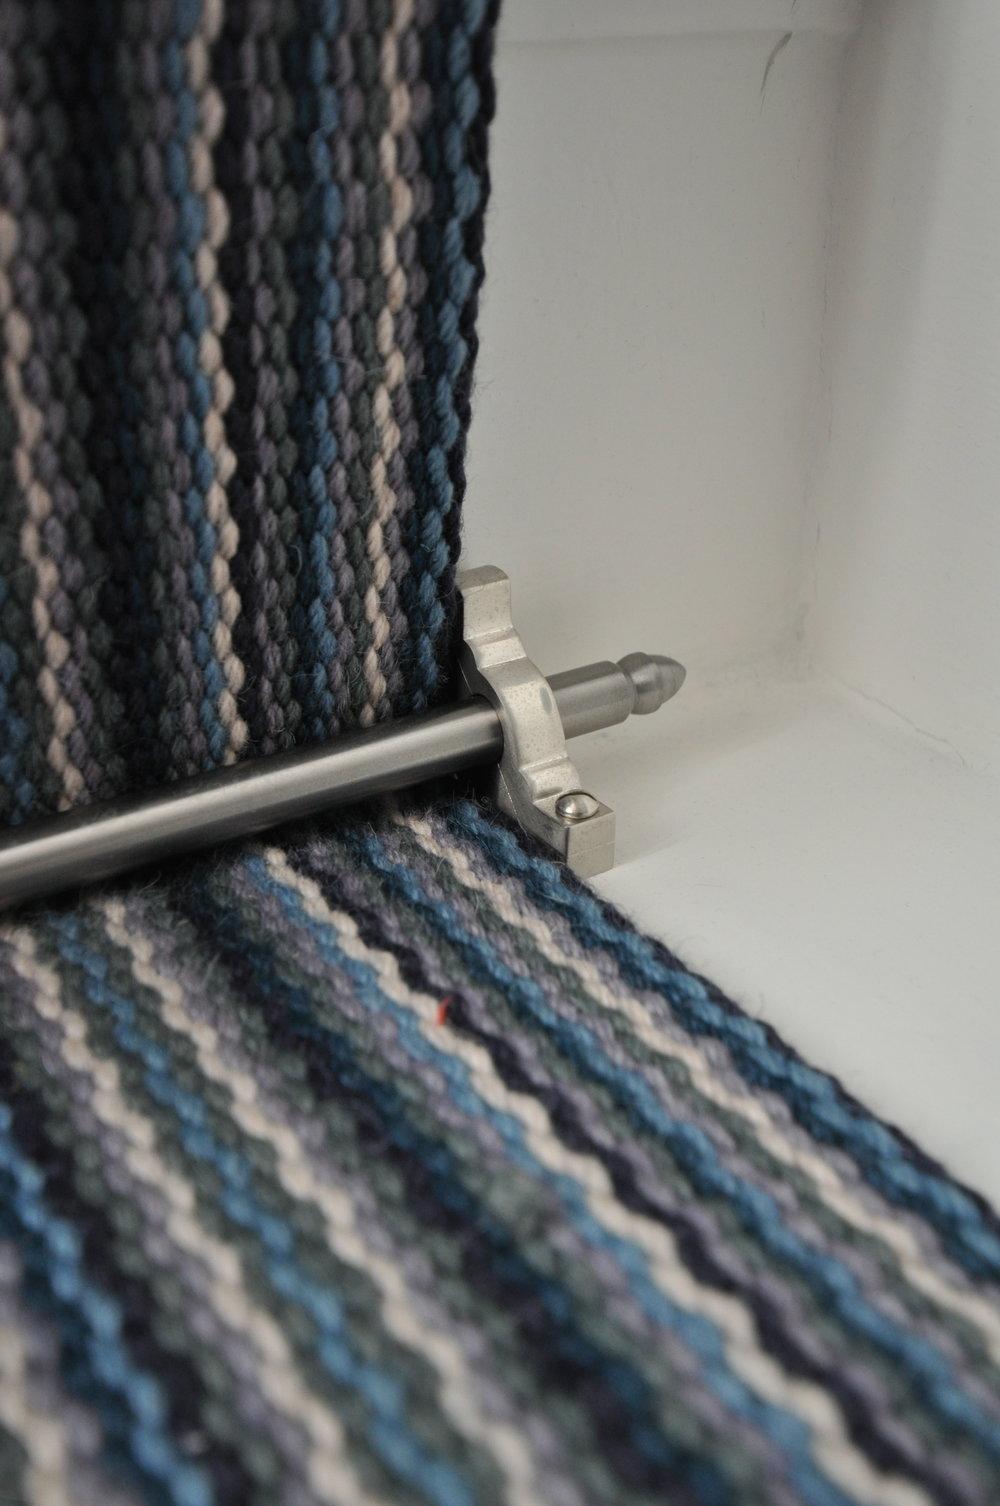 flatweave-stair-runners-london-bowloom-carpet-geometric-off-the-loom-DSC_1531.jpg